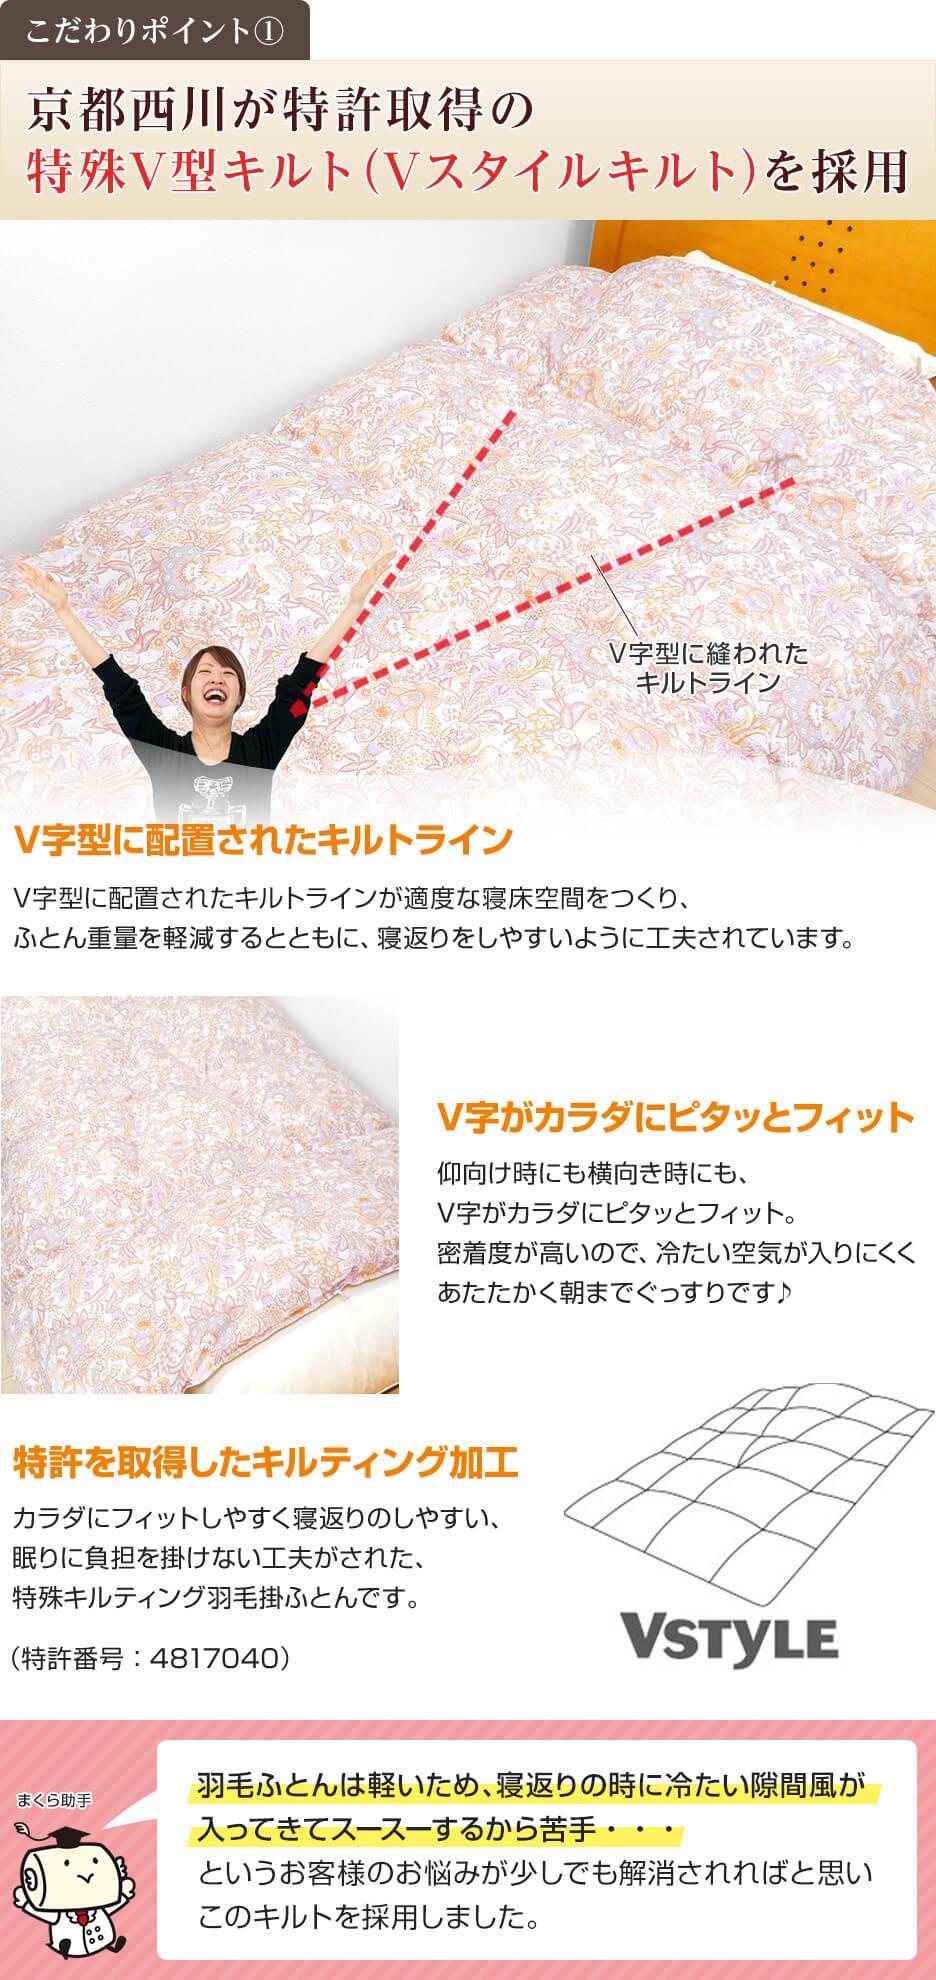 京都西川が特許取得の特殊V型キルト(Vスタイルキルト)を採用